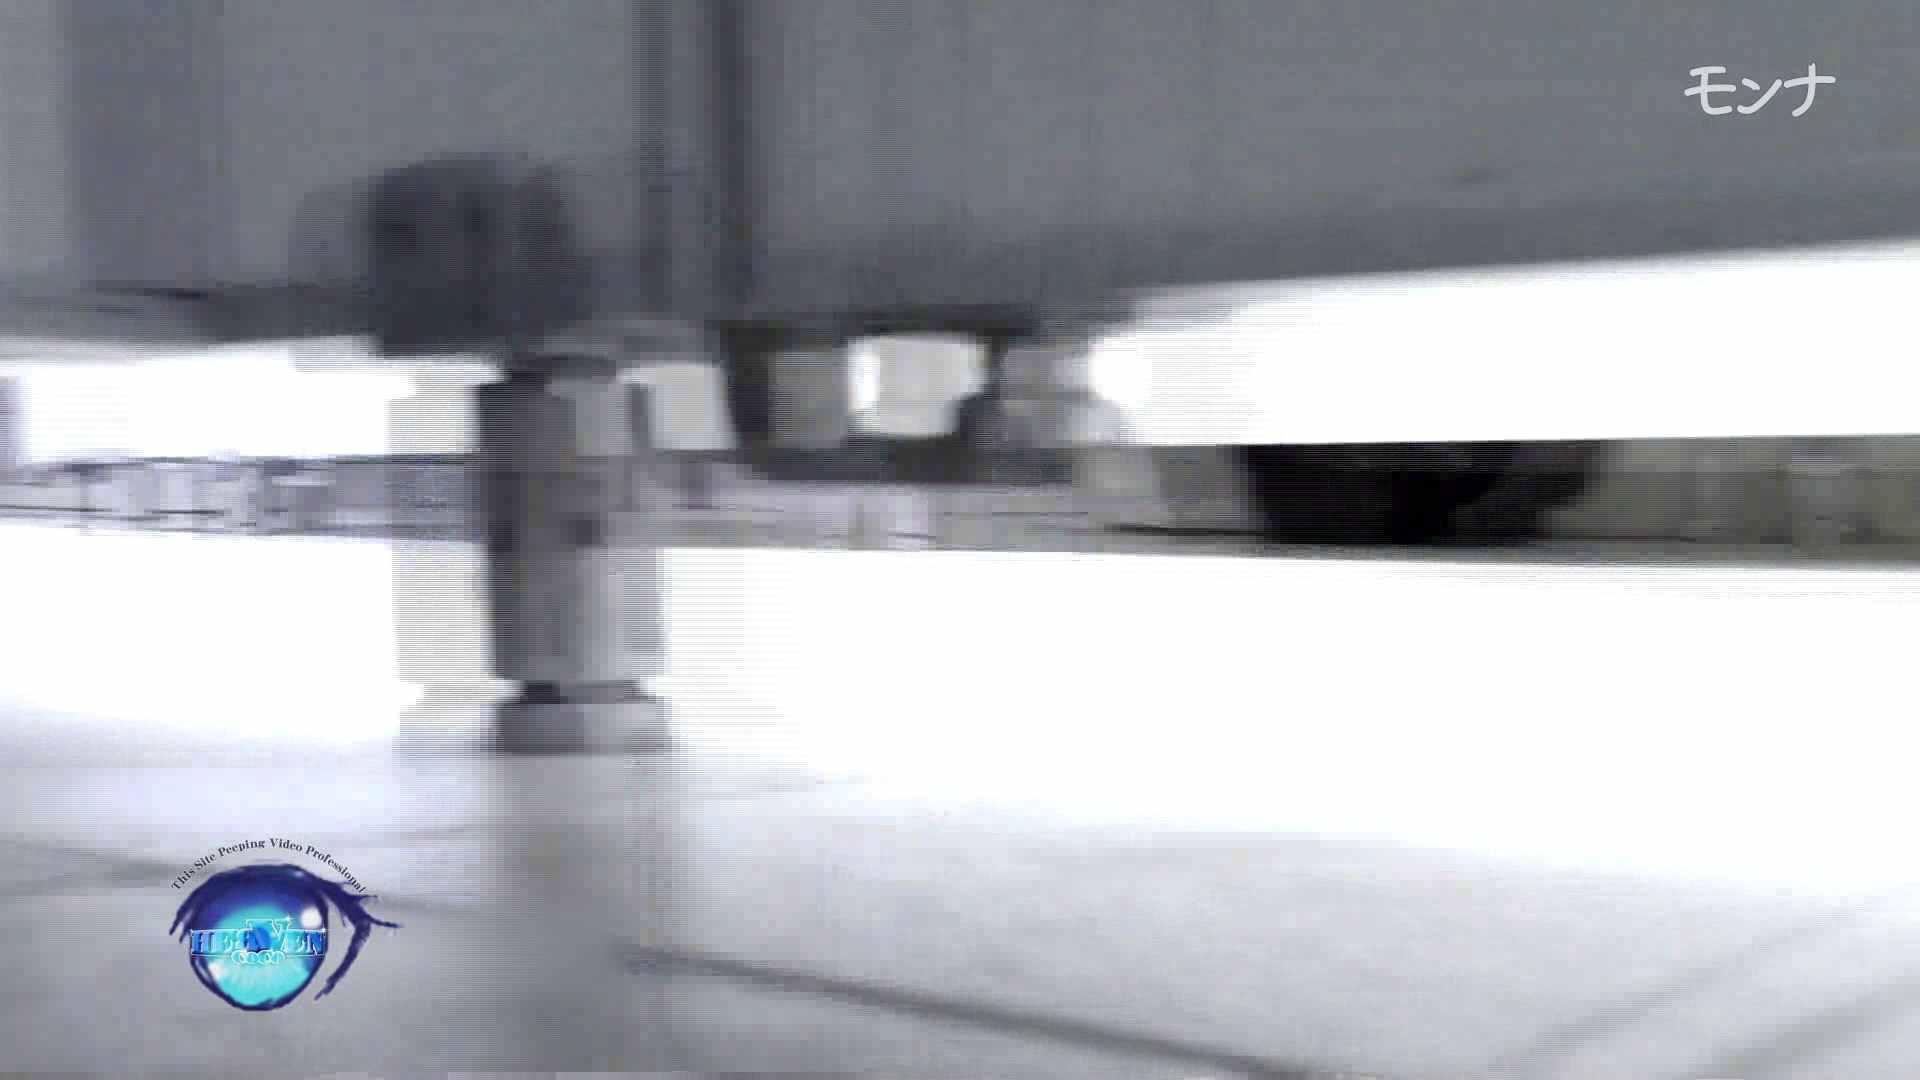 美しい日本の未来 No.96 オマンコ秘宝館  68連発 15